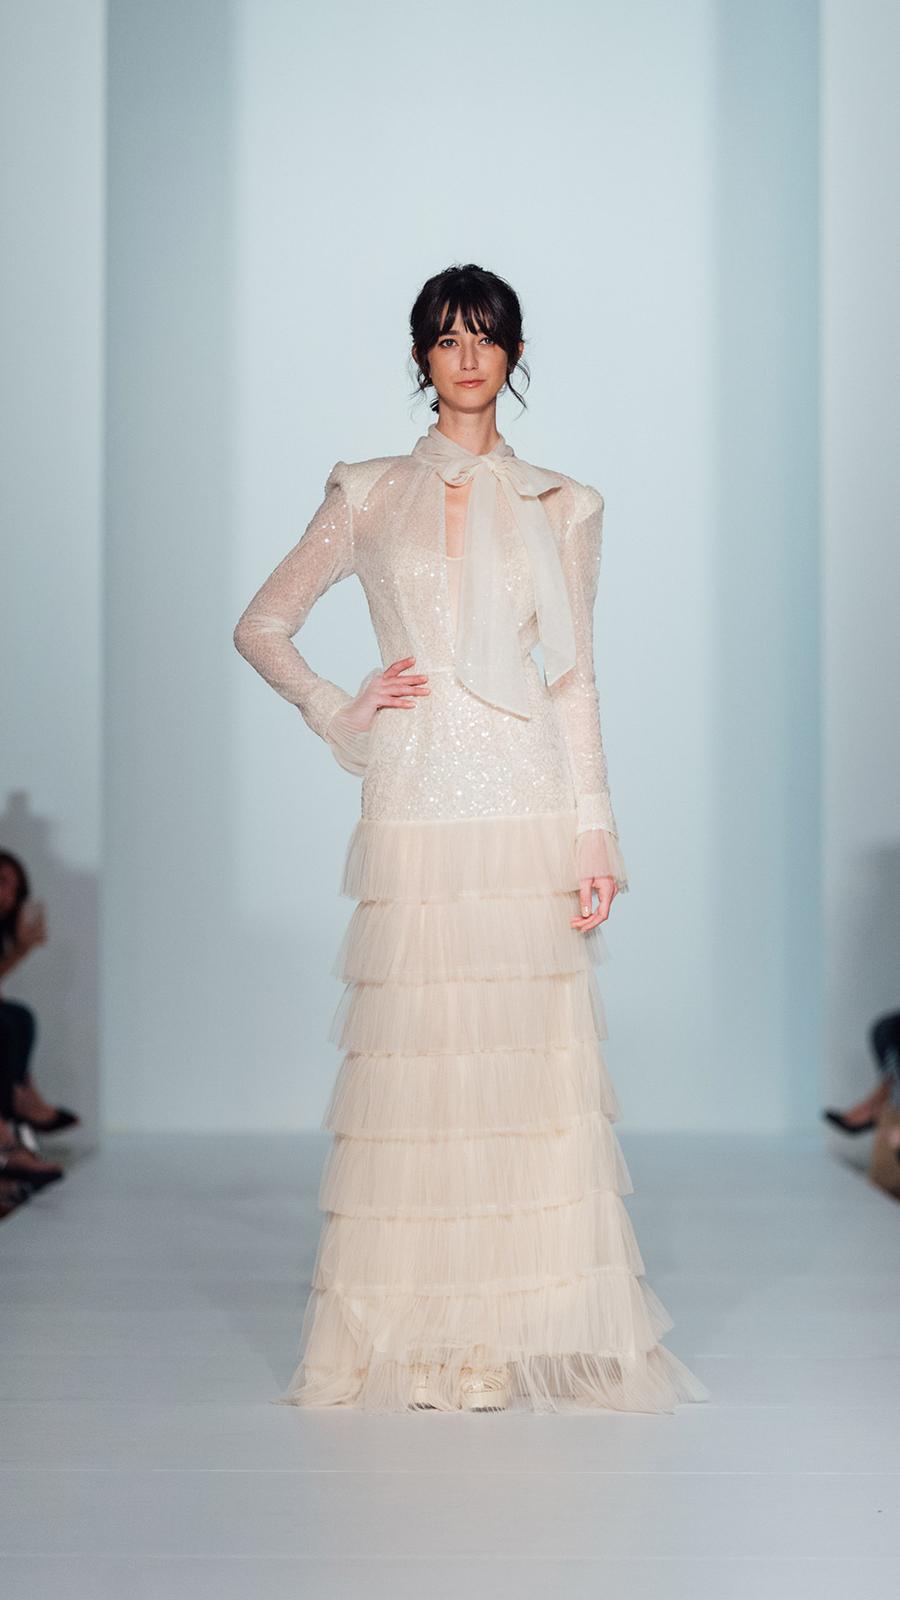 Svadobné šaty z kolekcií na rok 2020 - Obrázok č. 44